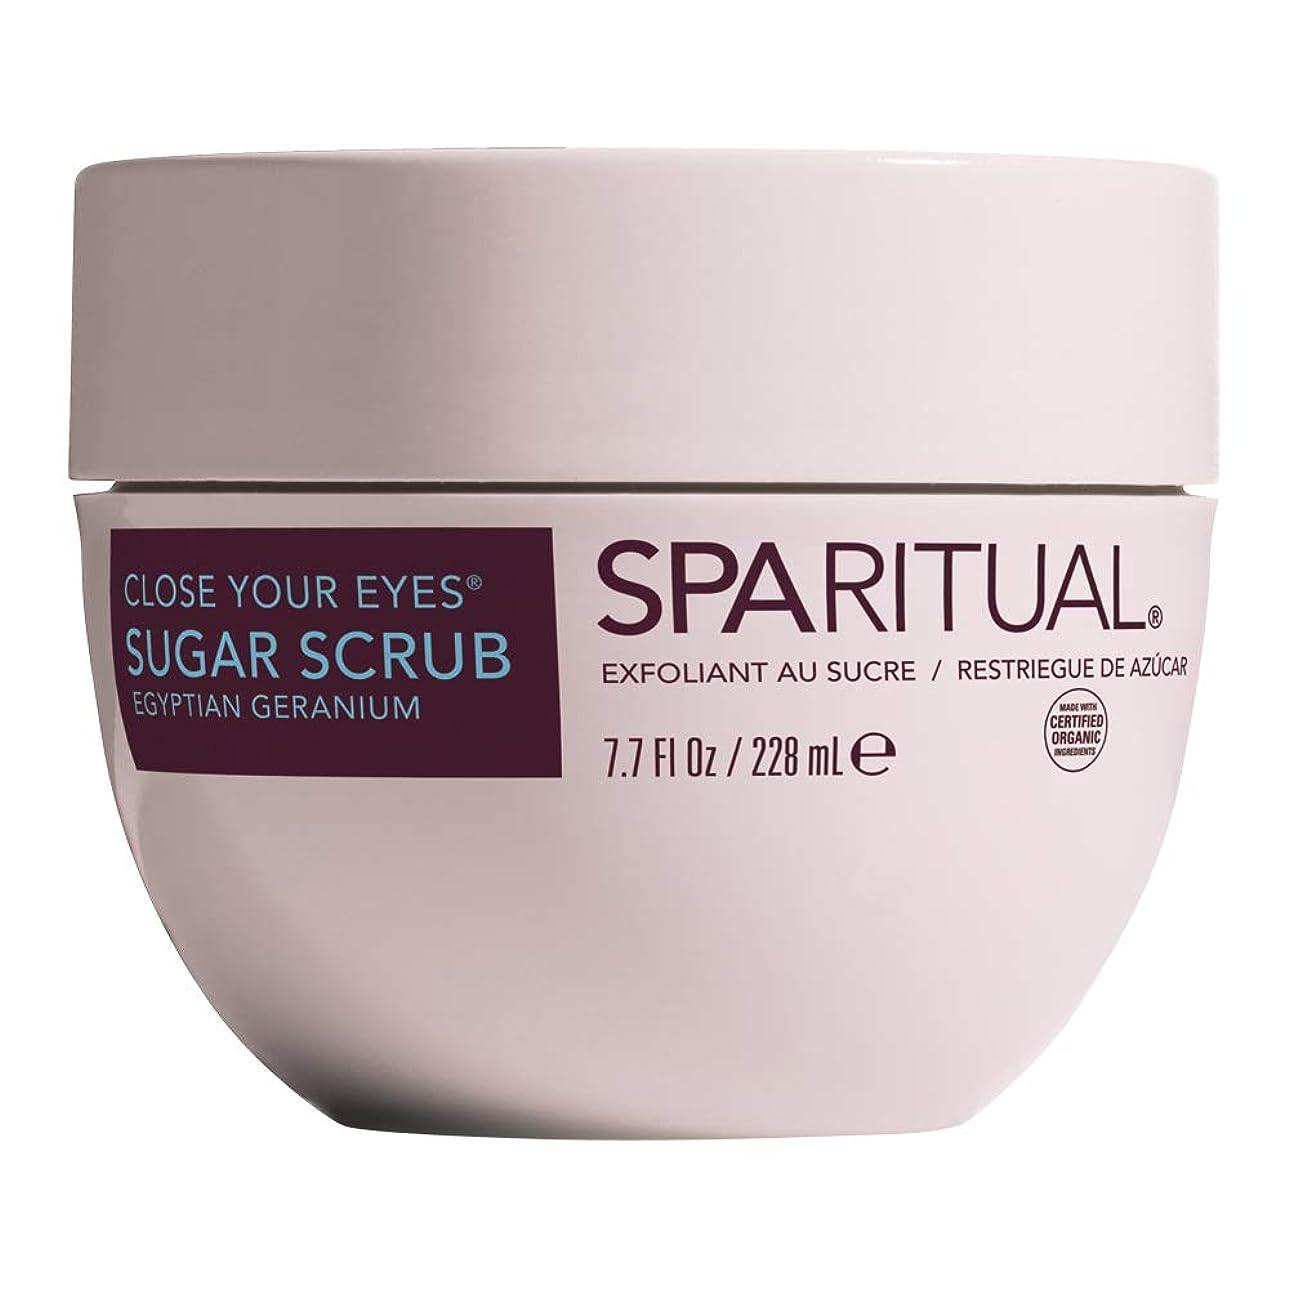 確認準備ブランド名SPARITUAL(スパリチュアル) クローズ ユア アイズ シュガースクラブ 228ml